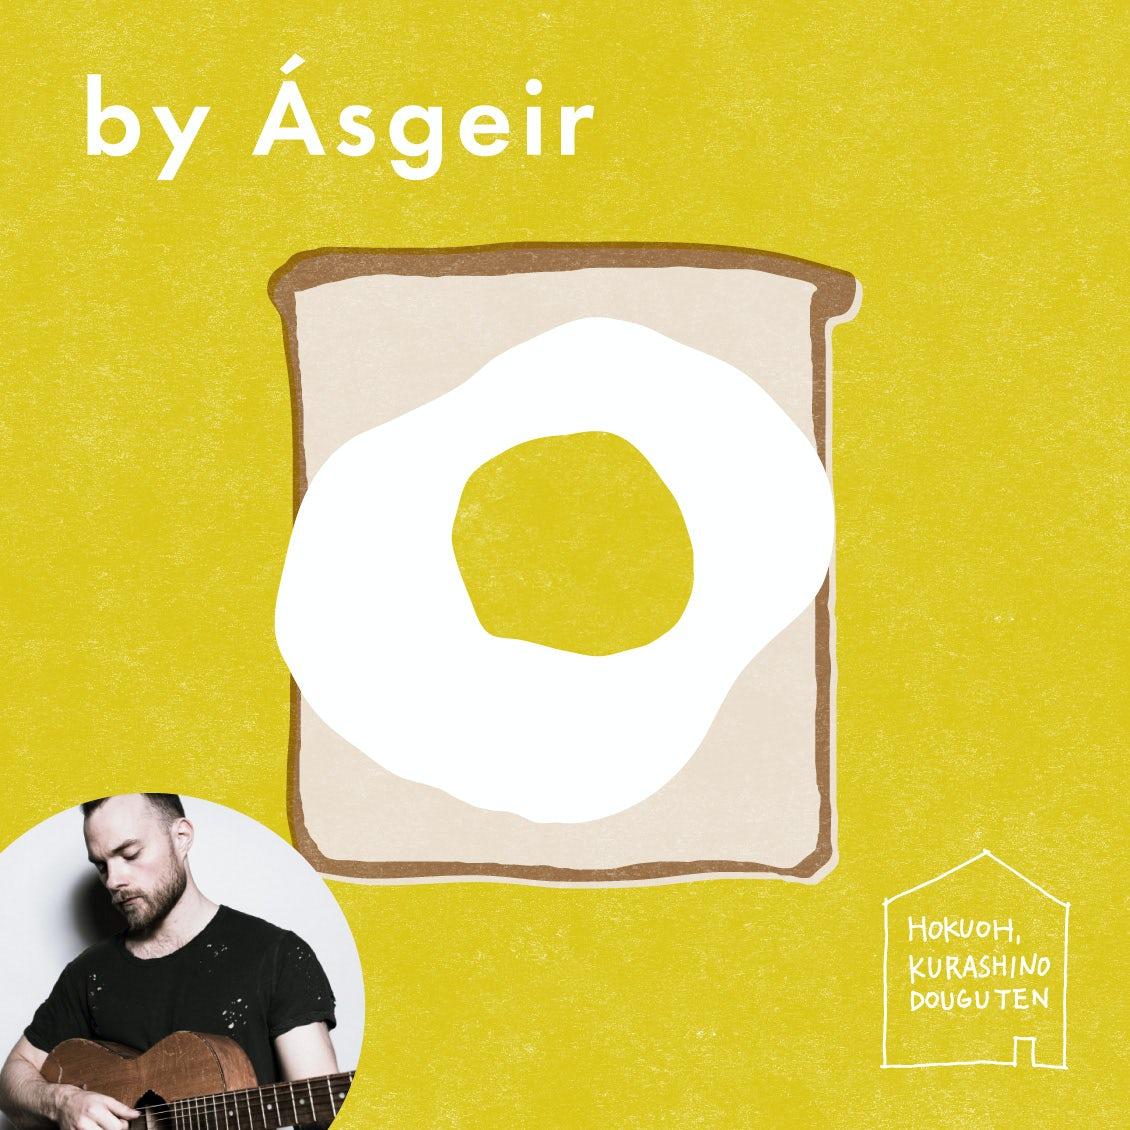 【日常に音楽を】アーティストを迎えた特別版!Ásgeir(アウスゲイル)さん選曲の2つのプレイリストができました